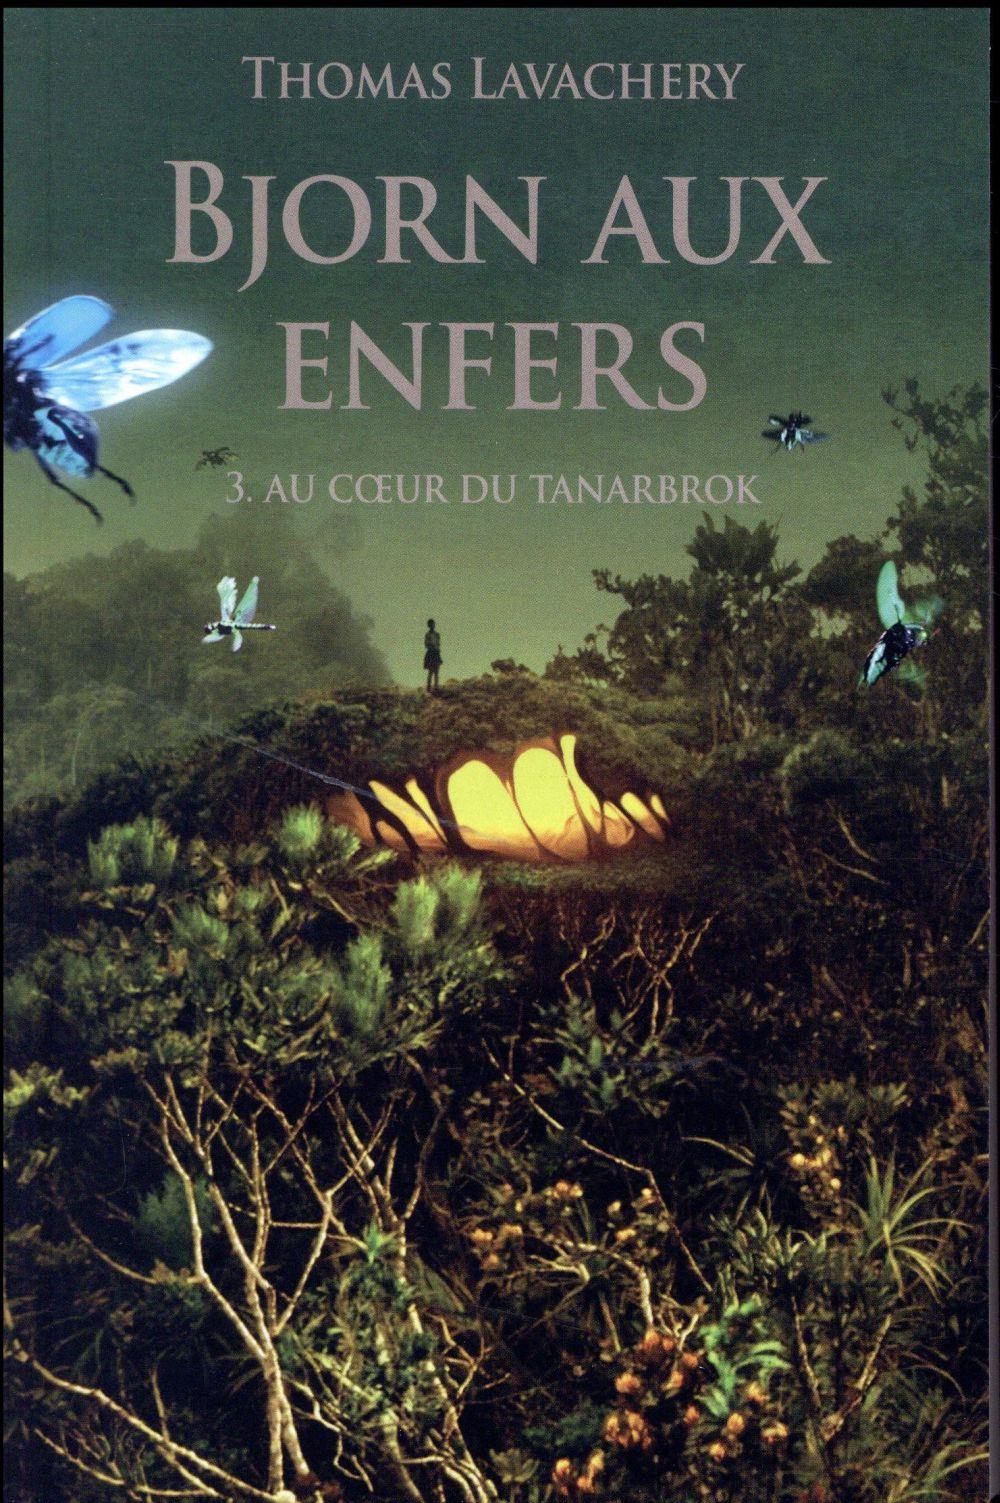 BJORN AUX ENFERS T3 POCHE AU COEUR DE TANABROCK